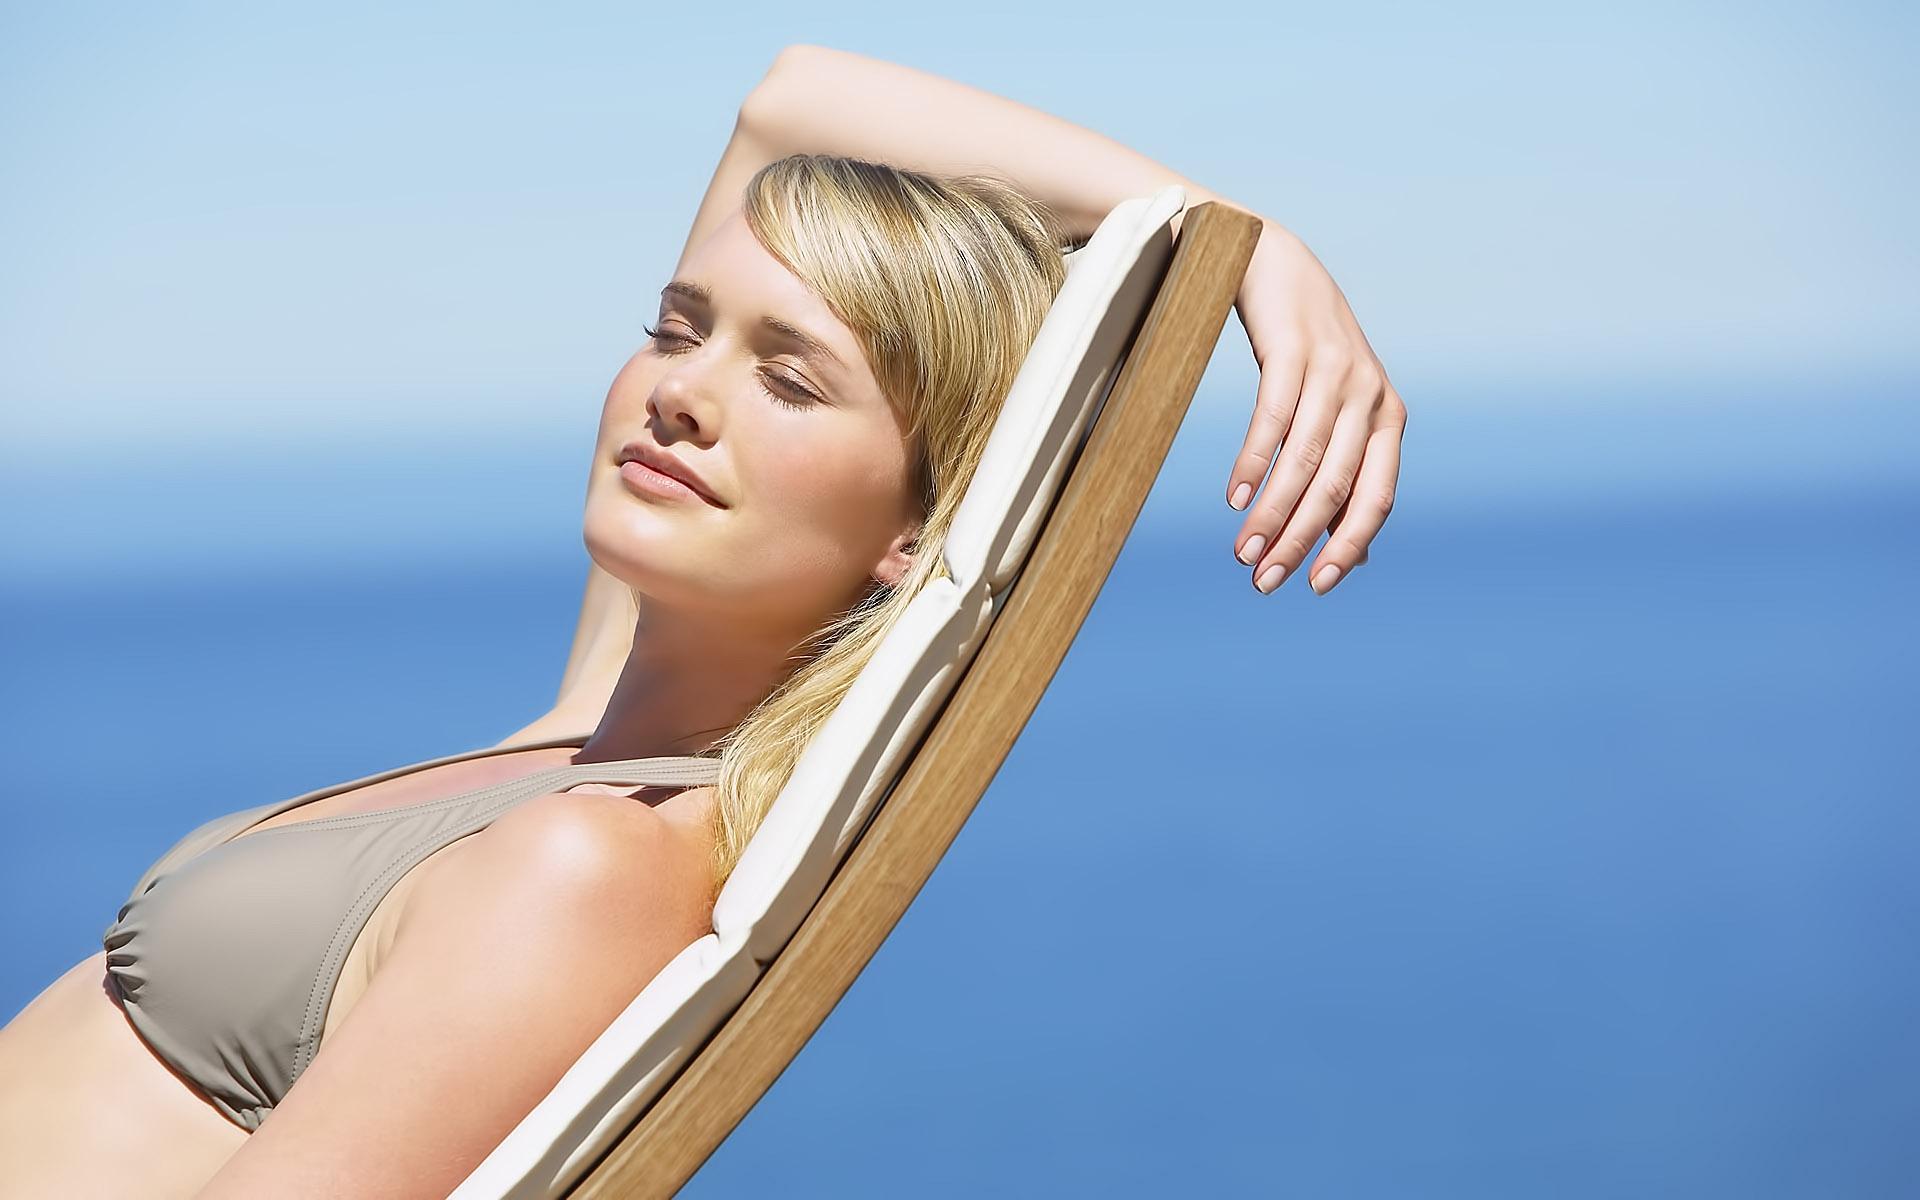 Антивозрастной солнцезащитный крем должен содержать ухаживающие компоненты